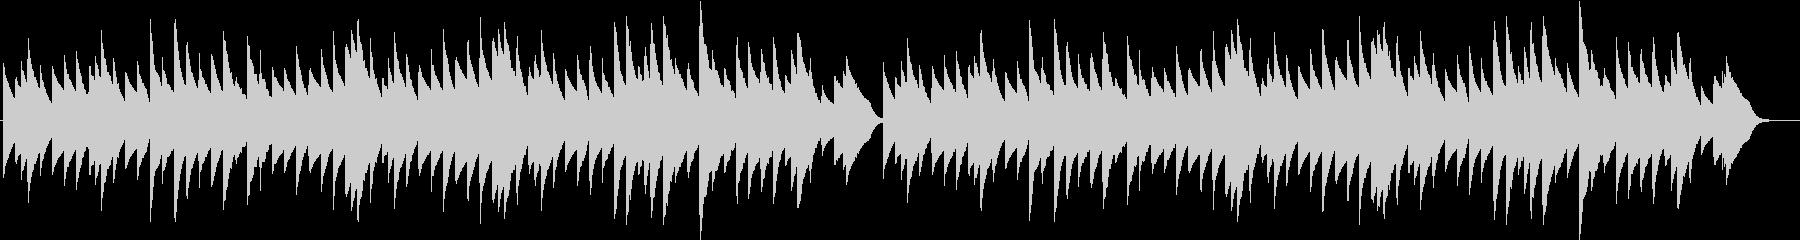 サイレントナイトのオルゴールバージョンの未再生の波形